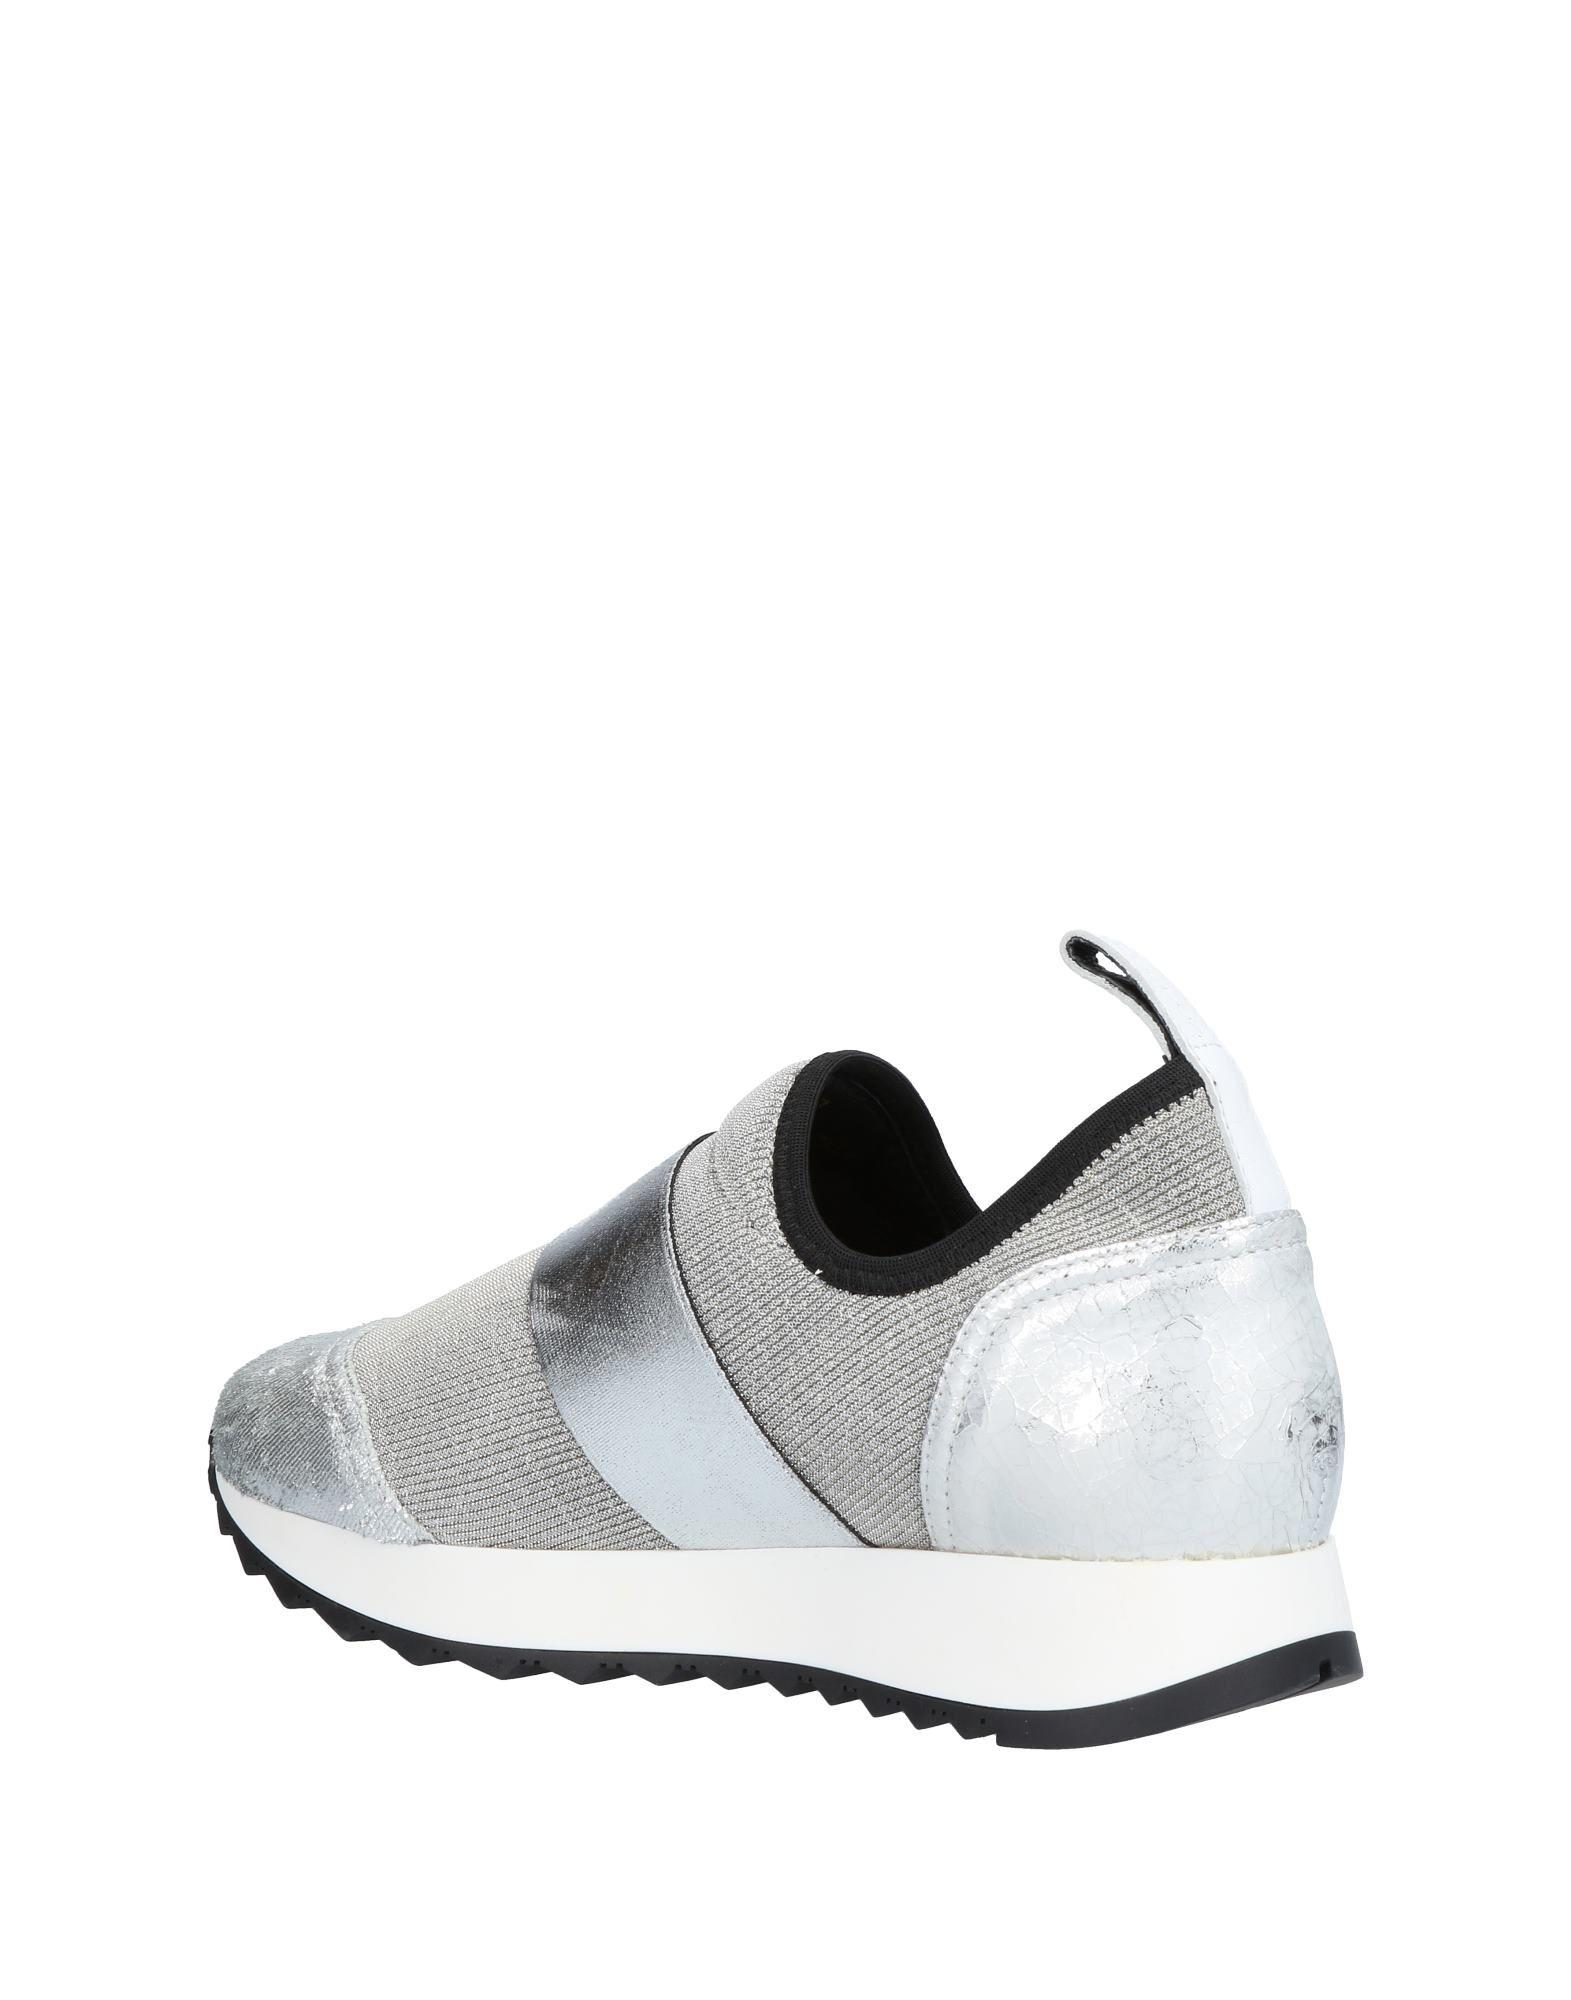 Stokton Sneakers Damen  11437727OC Gute Qualität beliebte Schuhe Schuhe Schuhe 6c7902